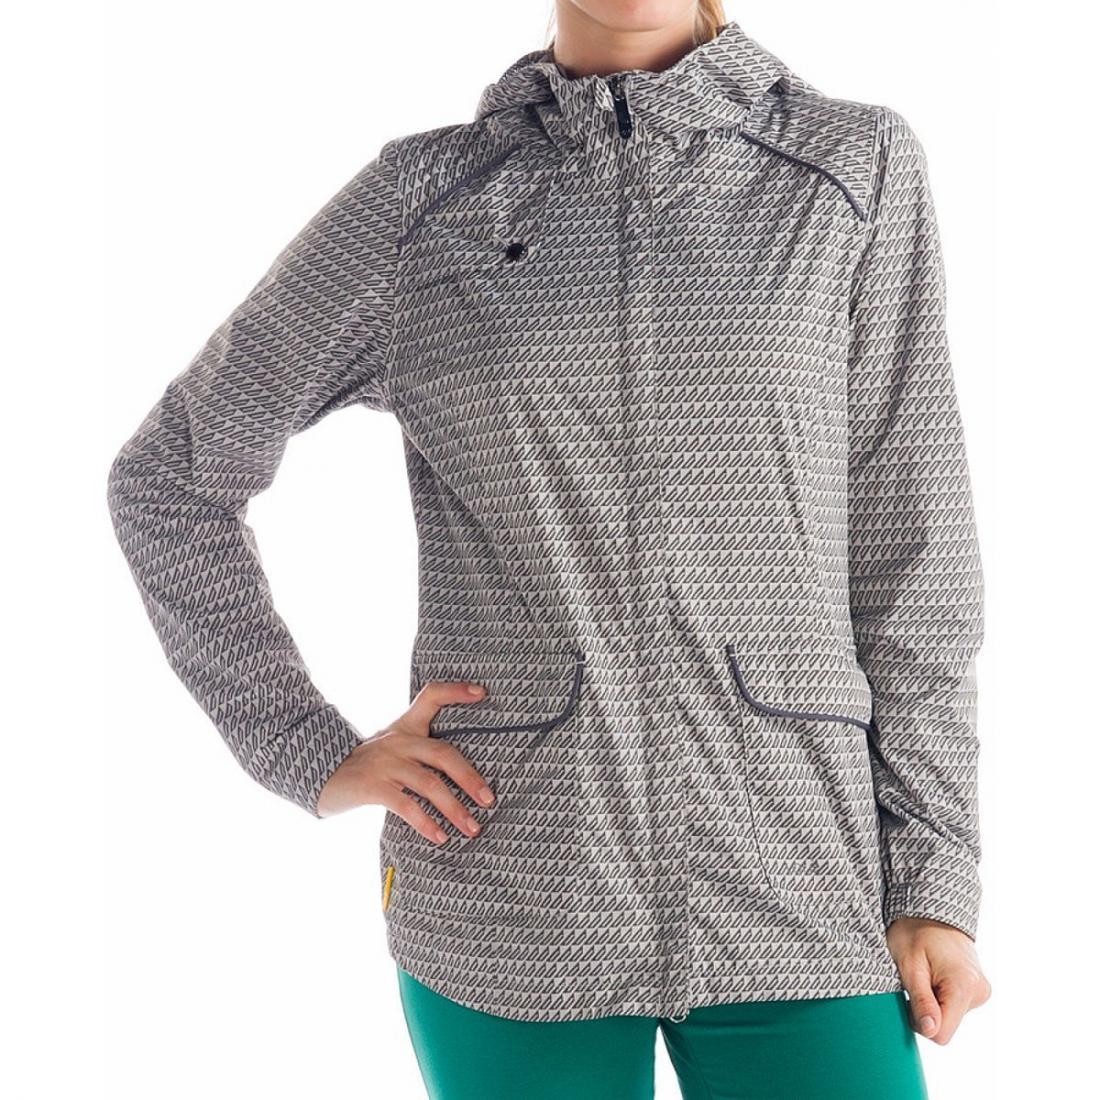 Куртка LUW0229 CAMDEN JACKETКуртки<br>CAMDEN JACKET – легкая женская куртка с капюшоном, которая может использоваться как ветровка, часть спортивной экипировки  или в качестве повсед...<br><br>Цвет: Серый<br>Размер: L